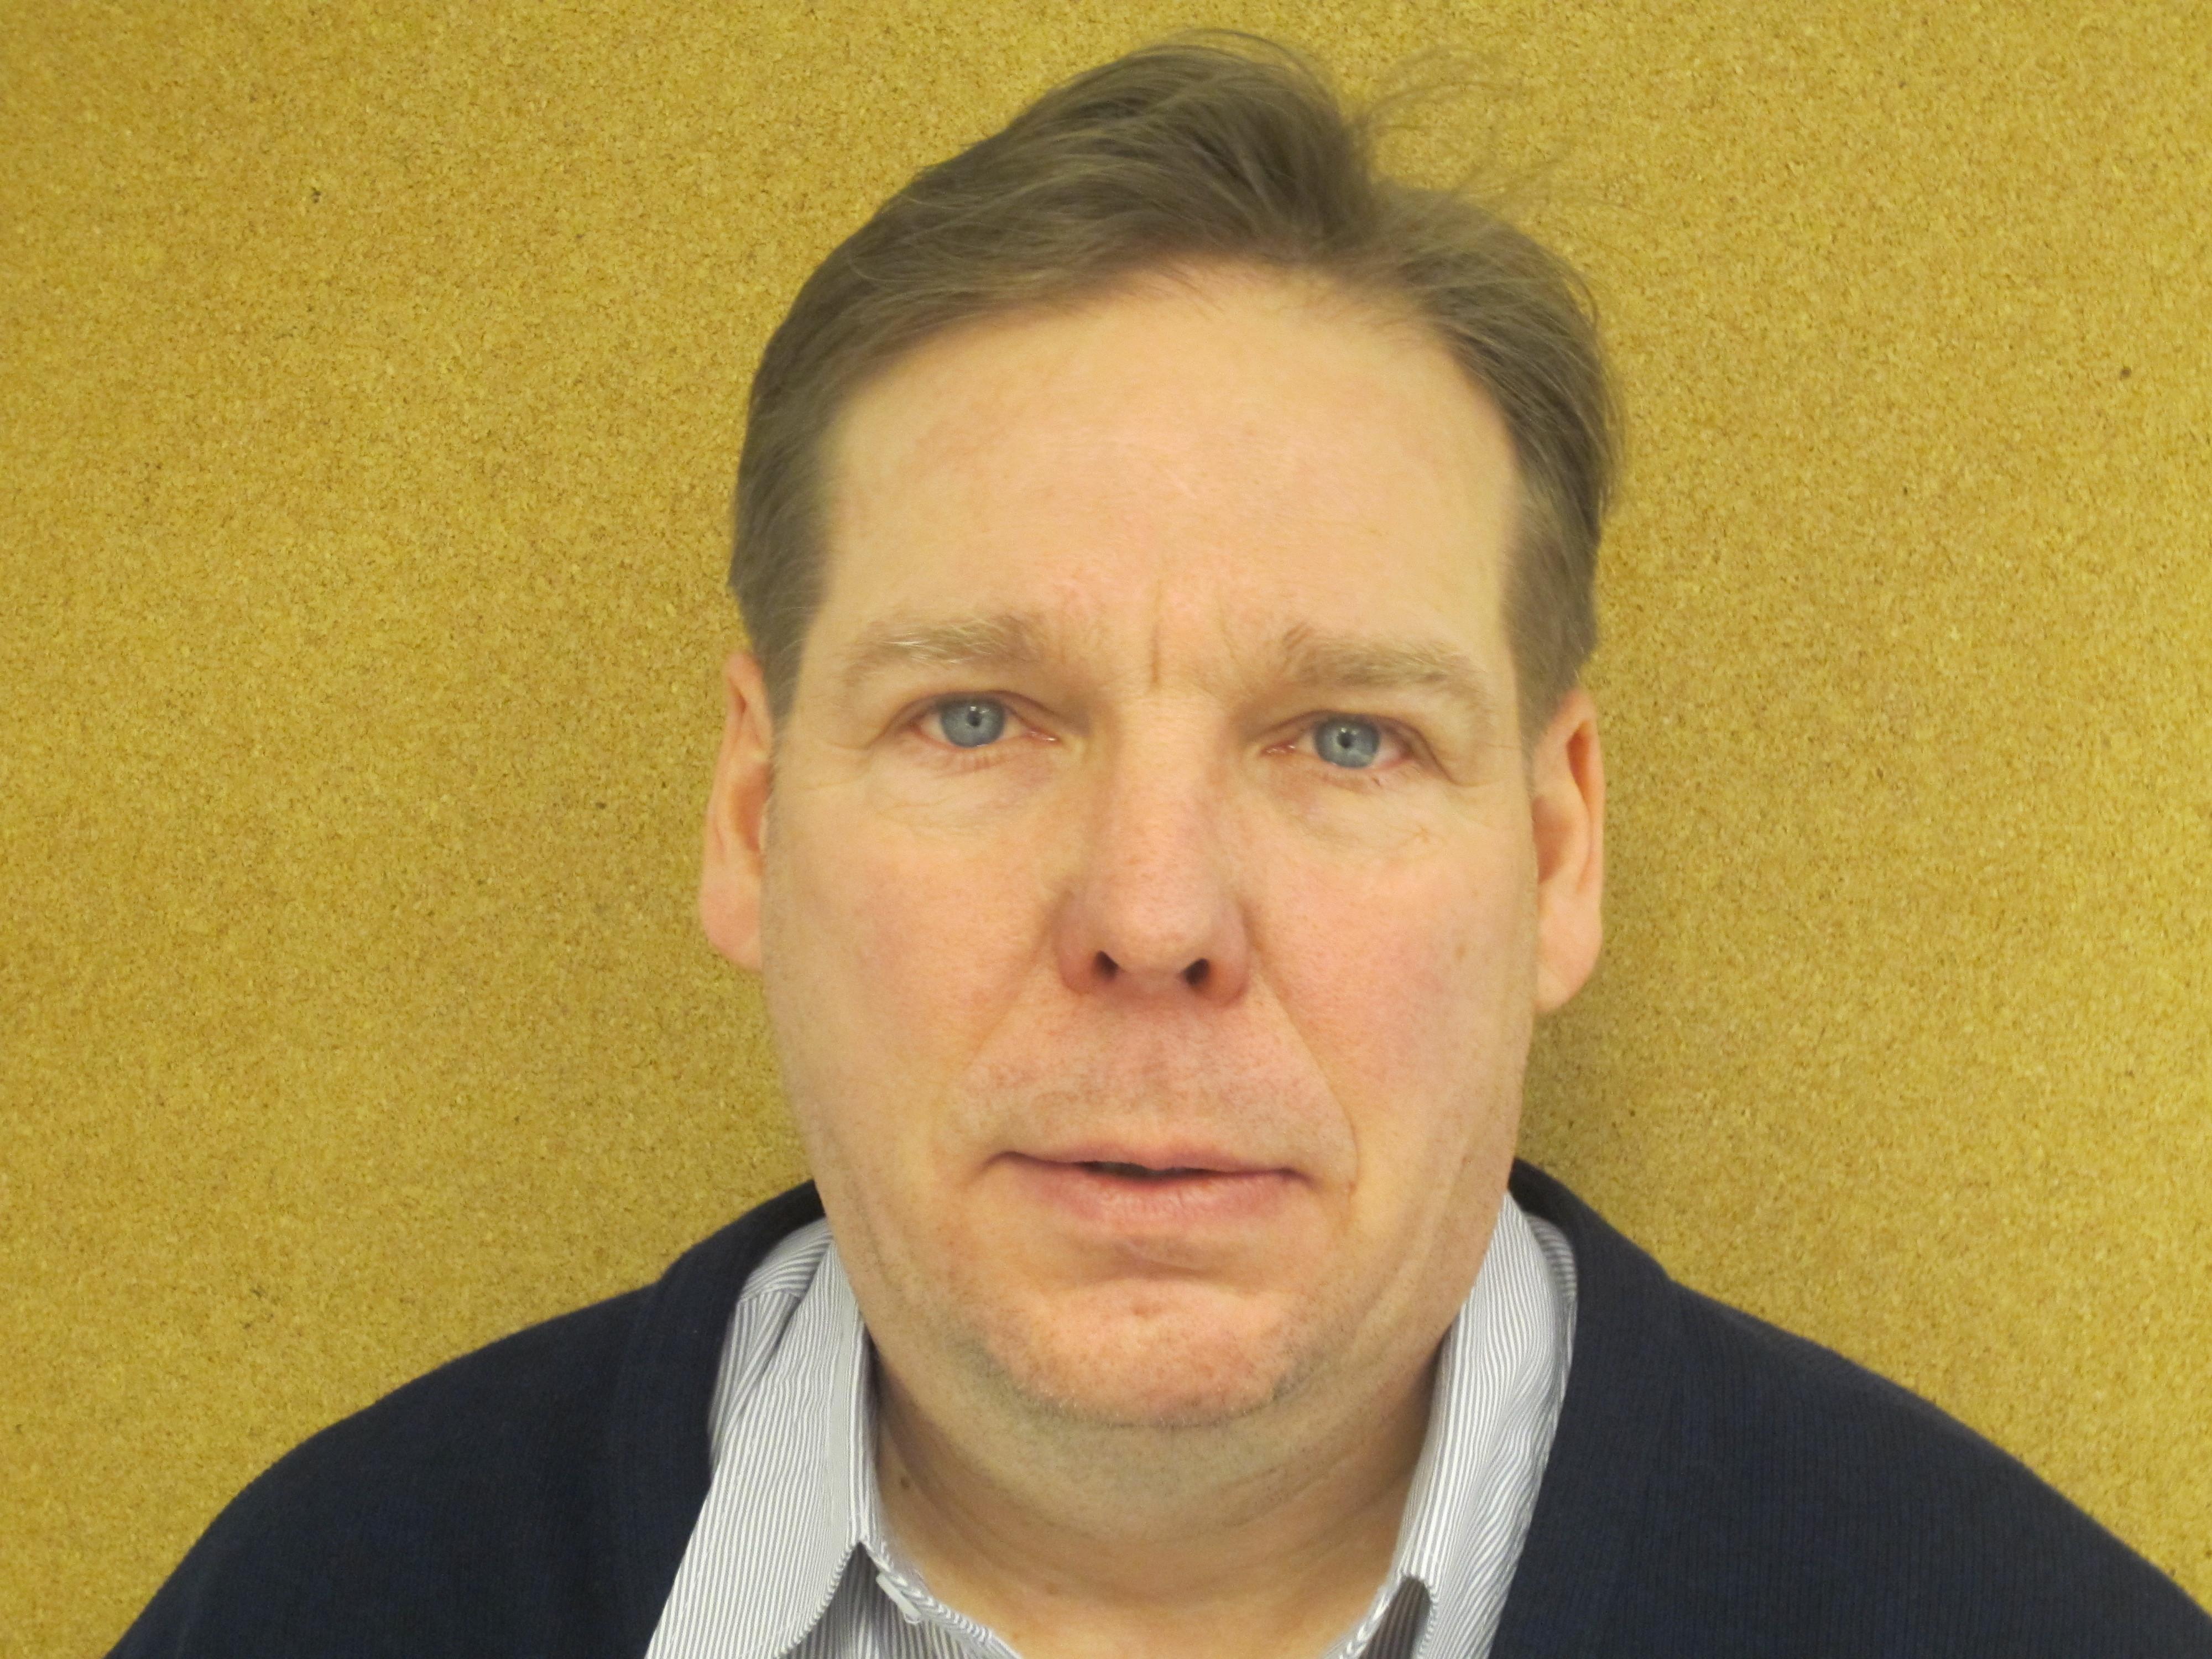 Mikko Kainulainen